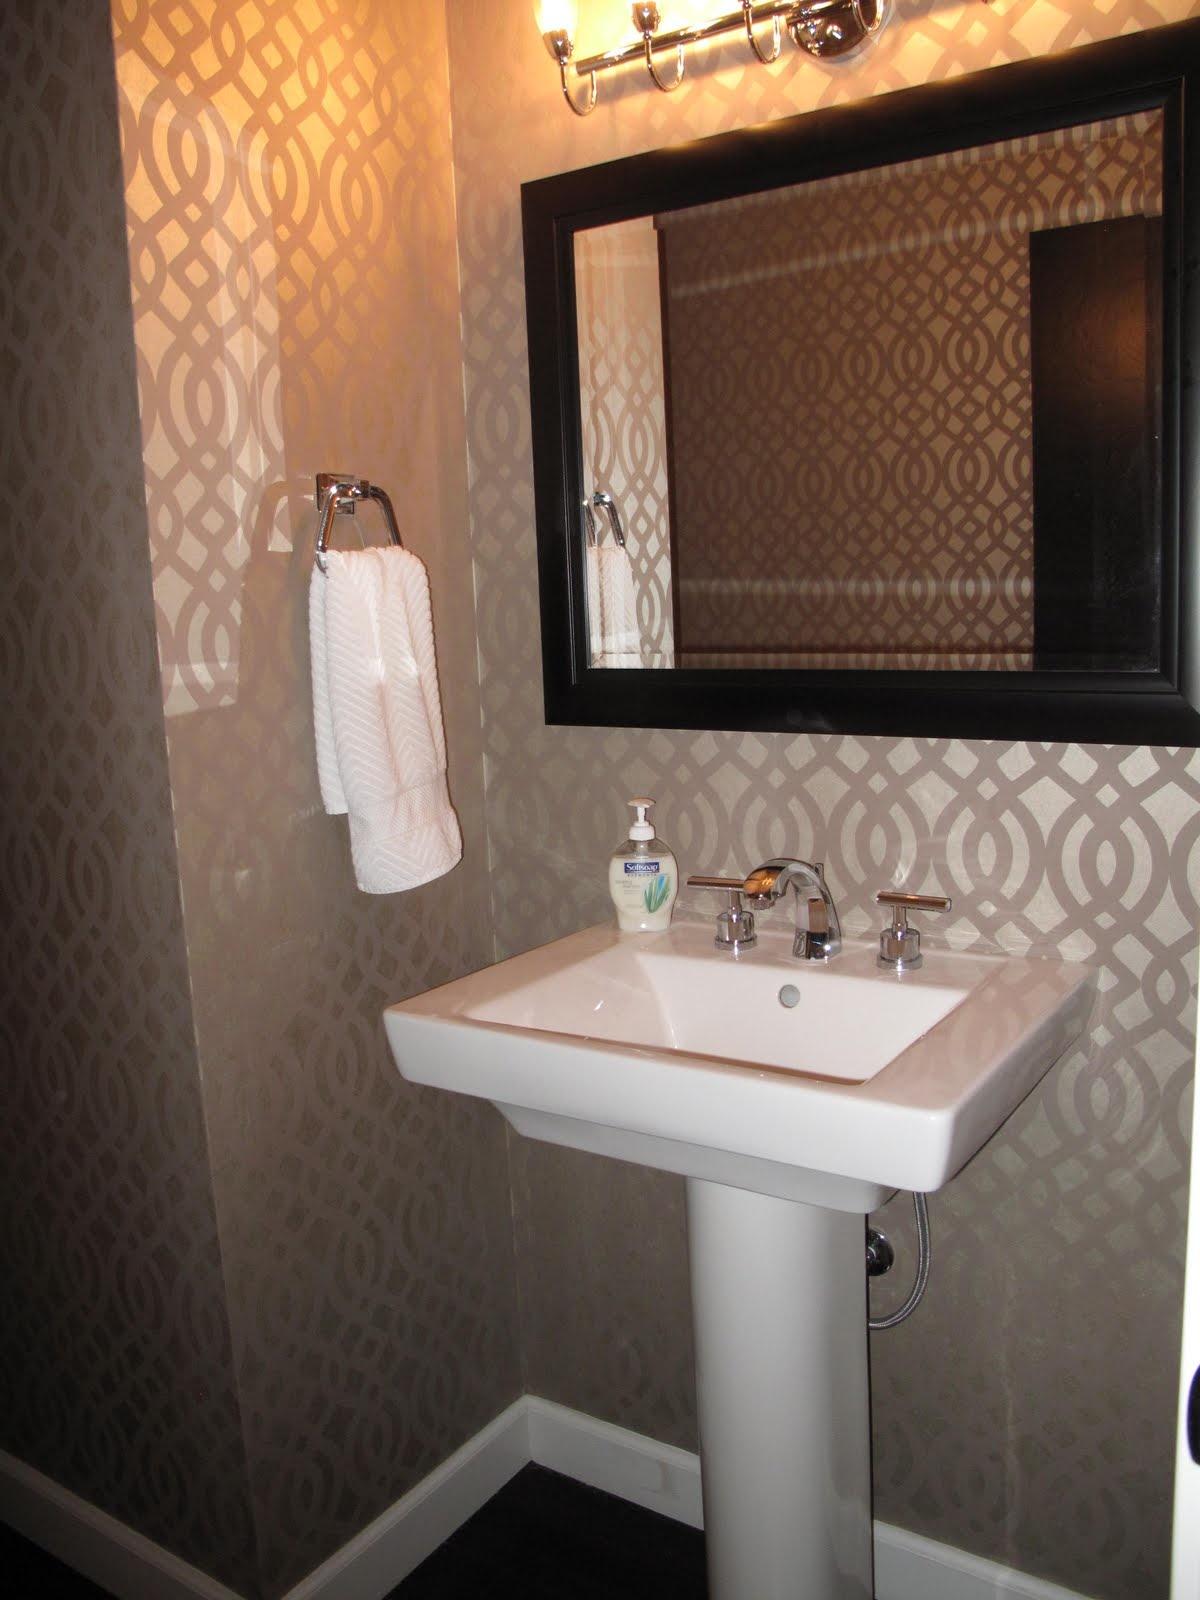 Bathroom Wall Paper Of Powder Room Ideas With 5641 Acnn Decor